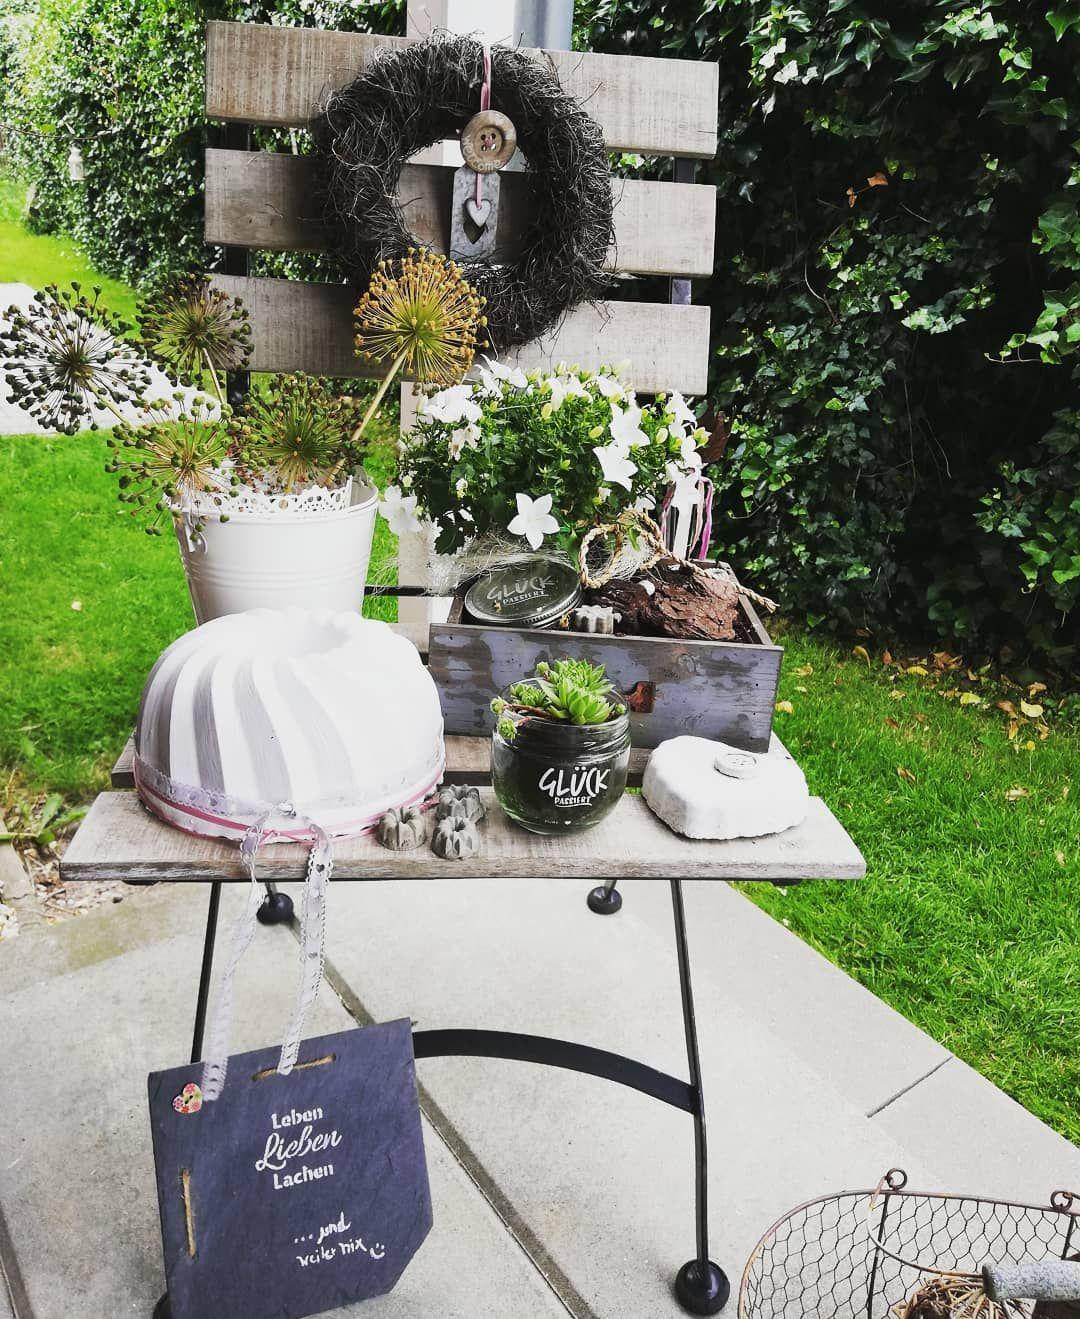 Ein Bisschen Gluck Ist Einfach Schon Gluck Moin Home Homeandgarden Garten Garden Gartendeko Hausundgarten In 2020 Decor Garden Decor Table Decorations